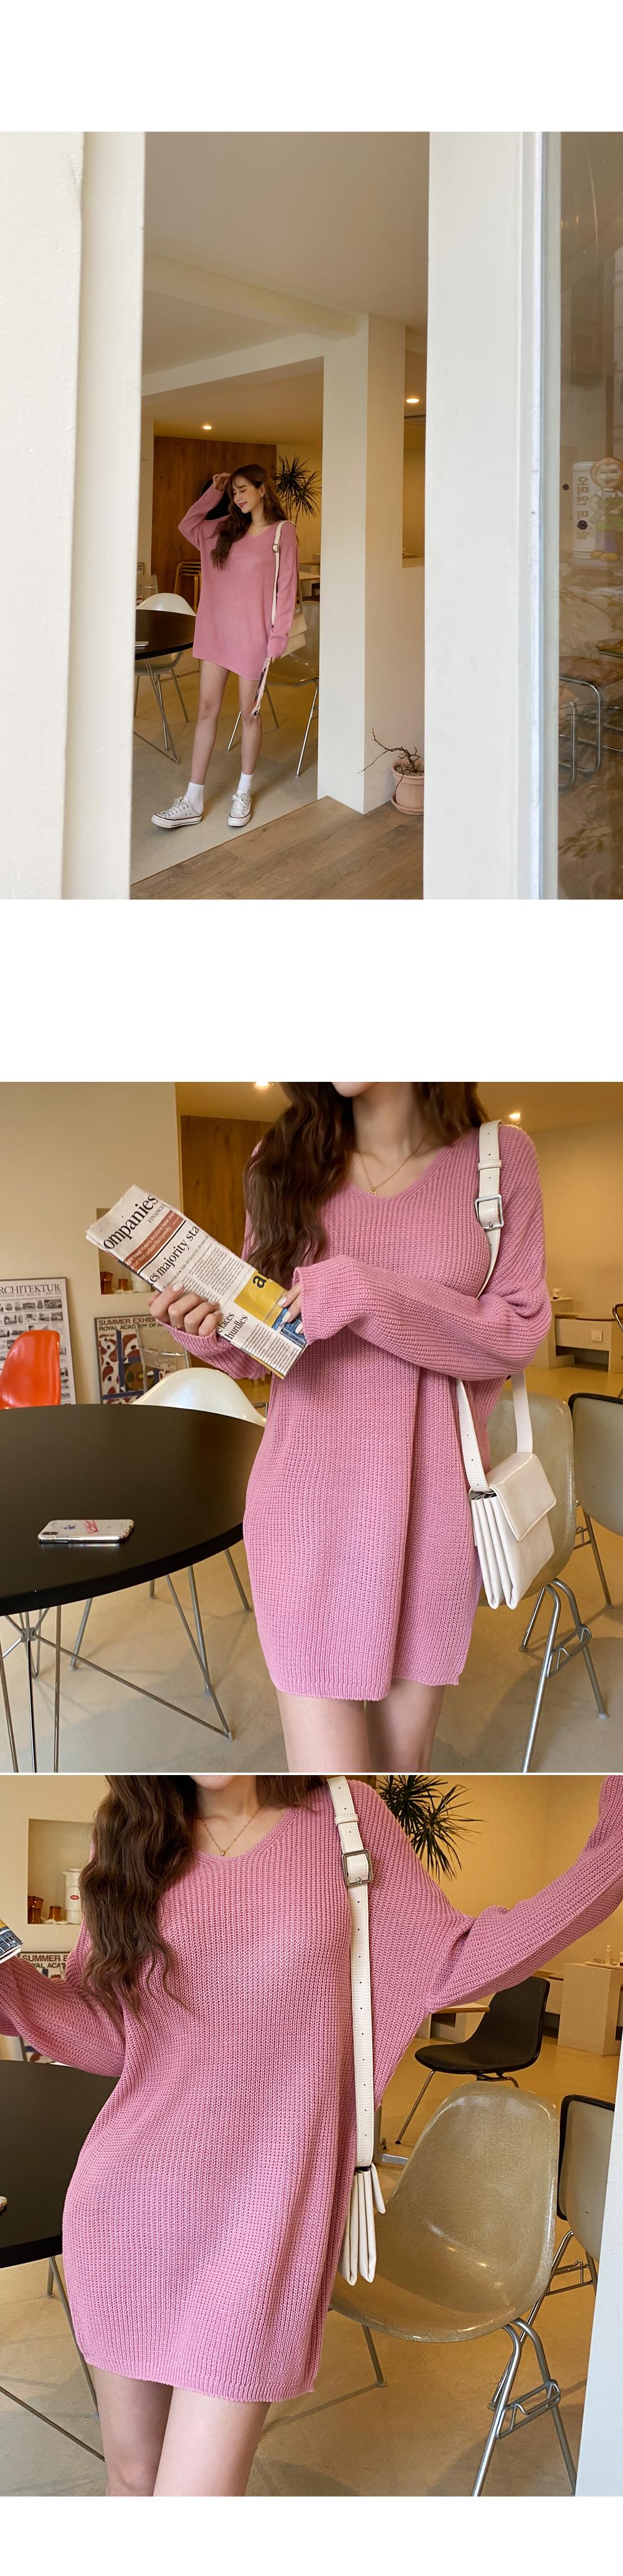 Soft V-neck knit dress